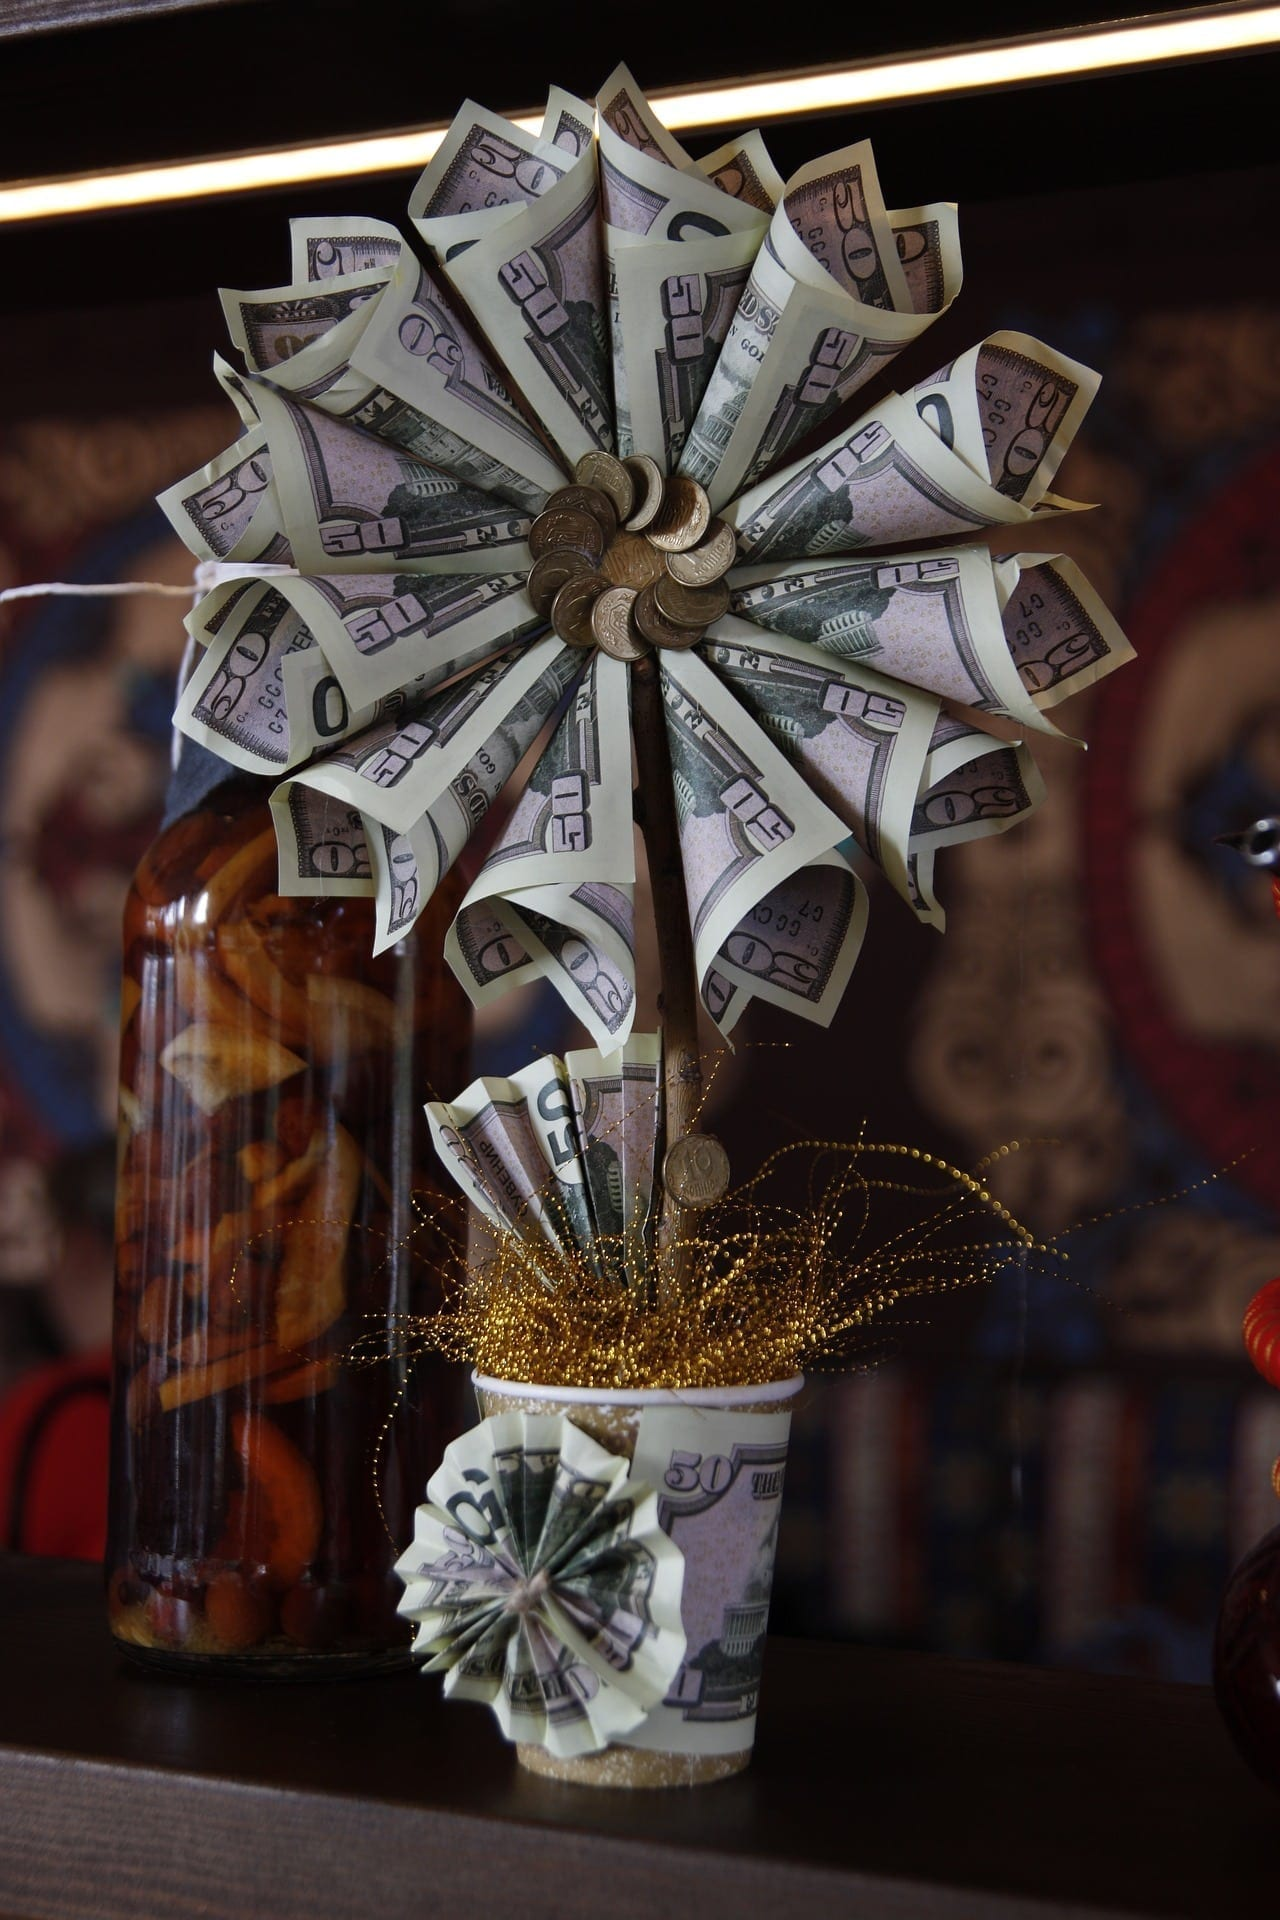 dinheiro artesanato